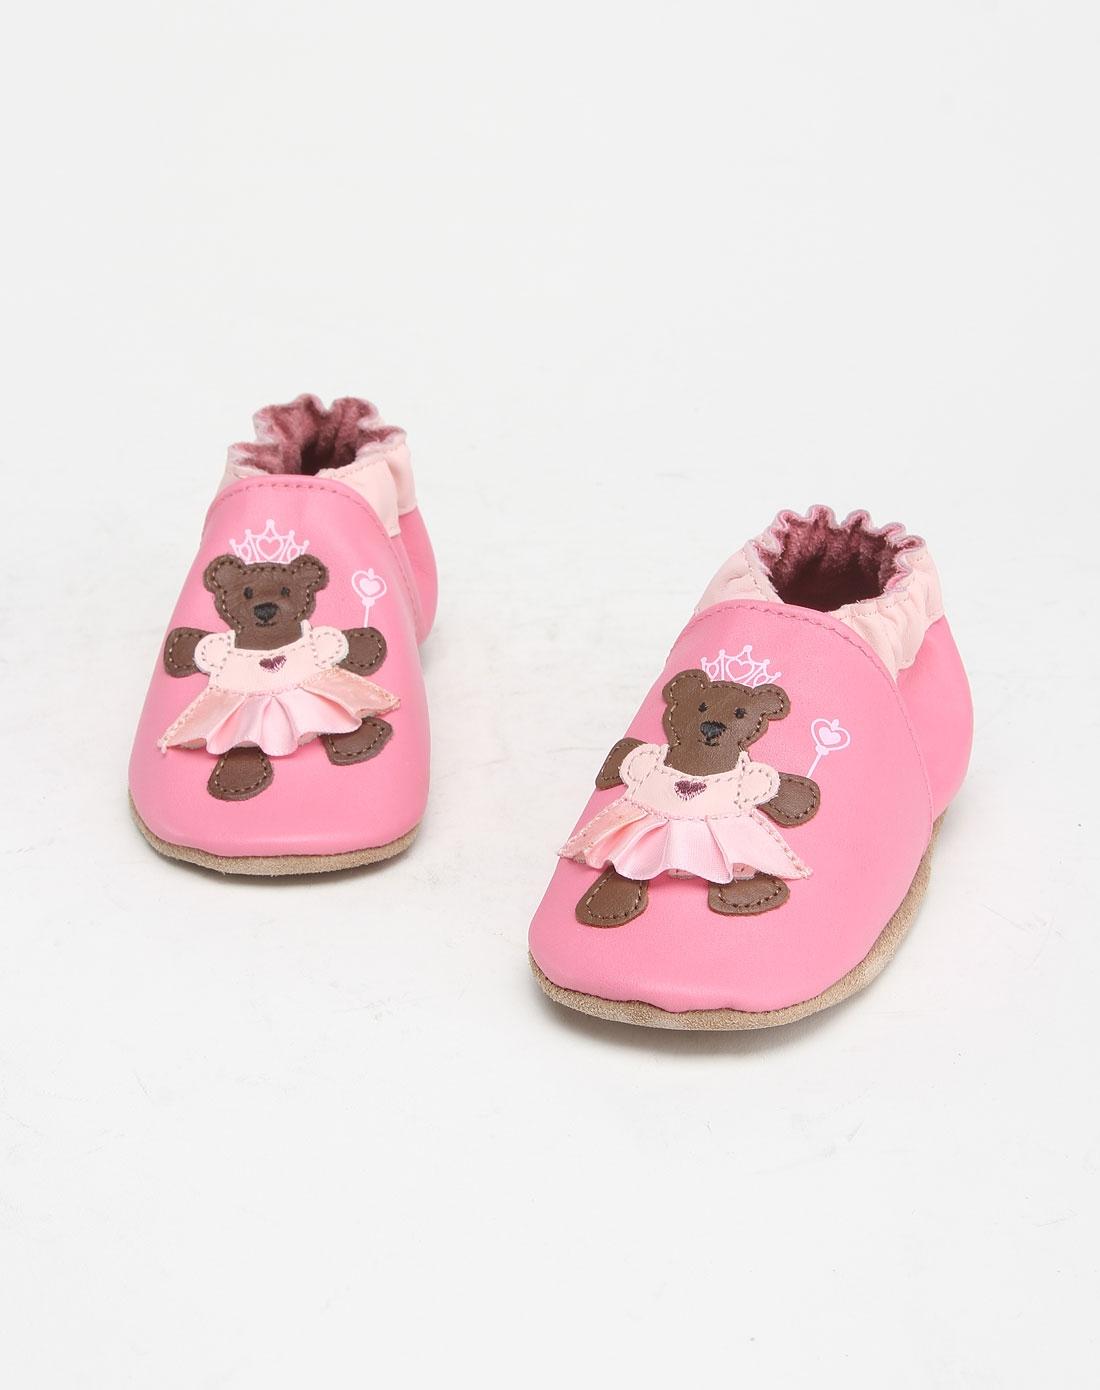 拖鞋 鞋 鞋子 1100_1390 竖版 竖屏